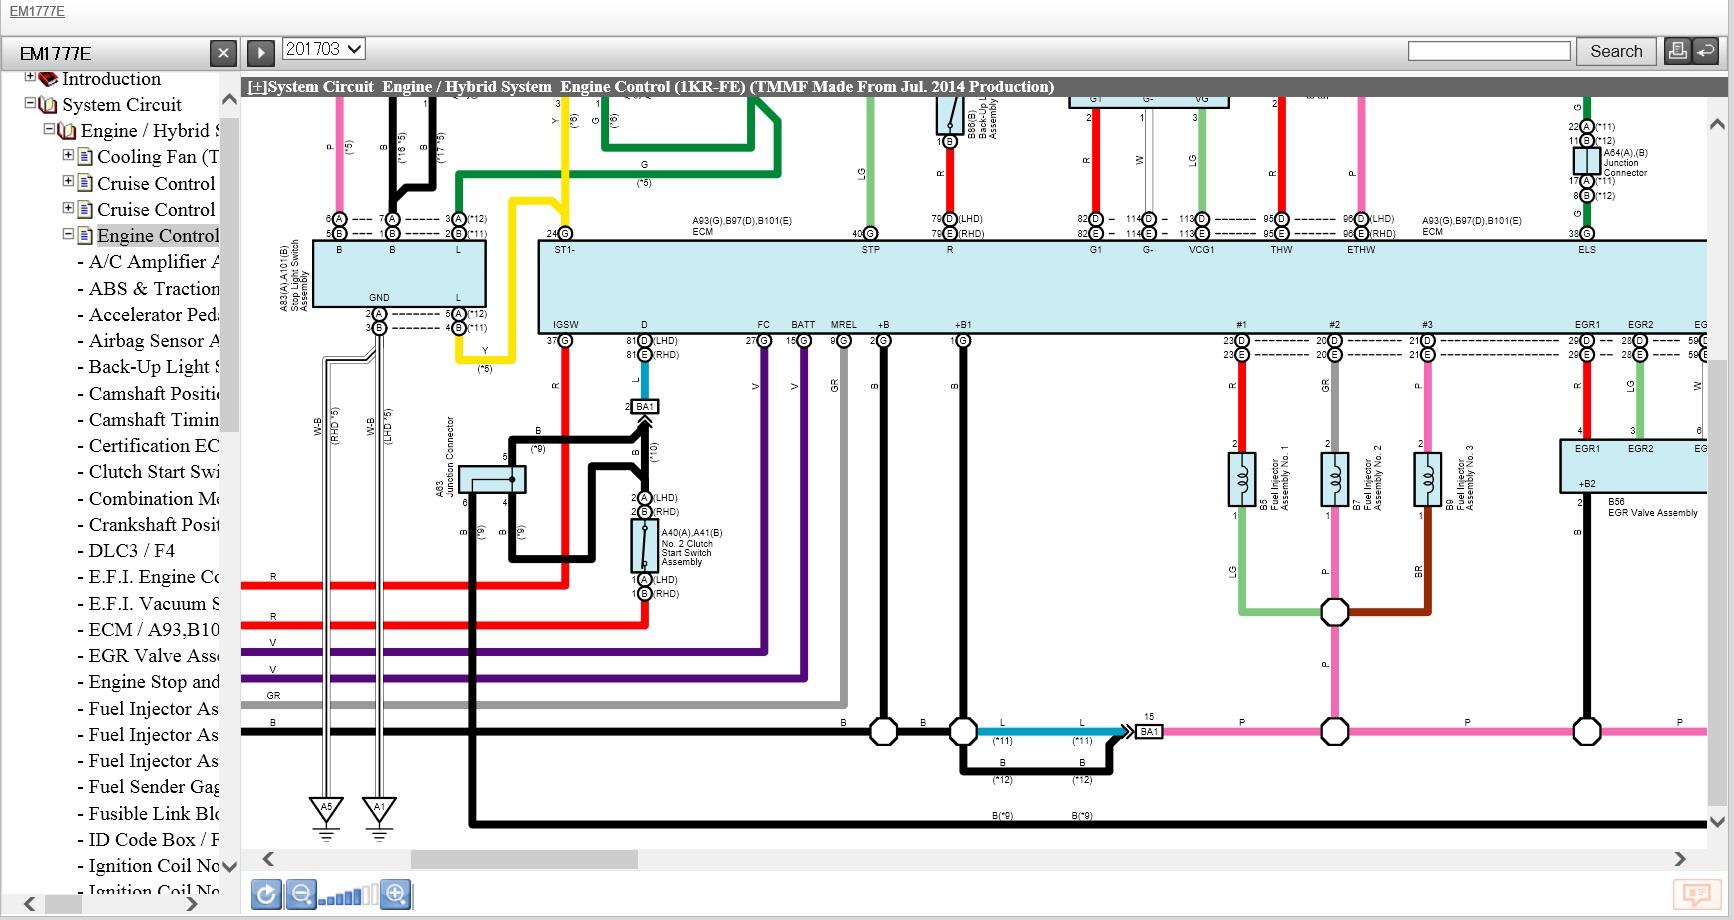 toyota yaris 2012-2017 ewd electrical wiring diagrams | ebooks, Wiring diagram